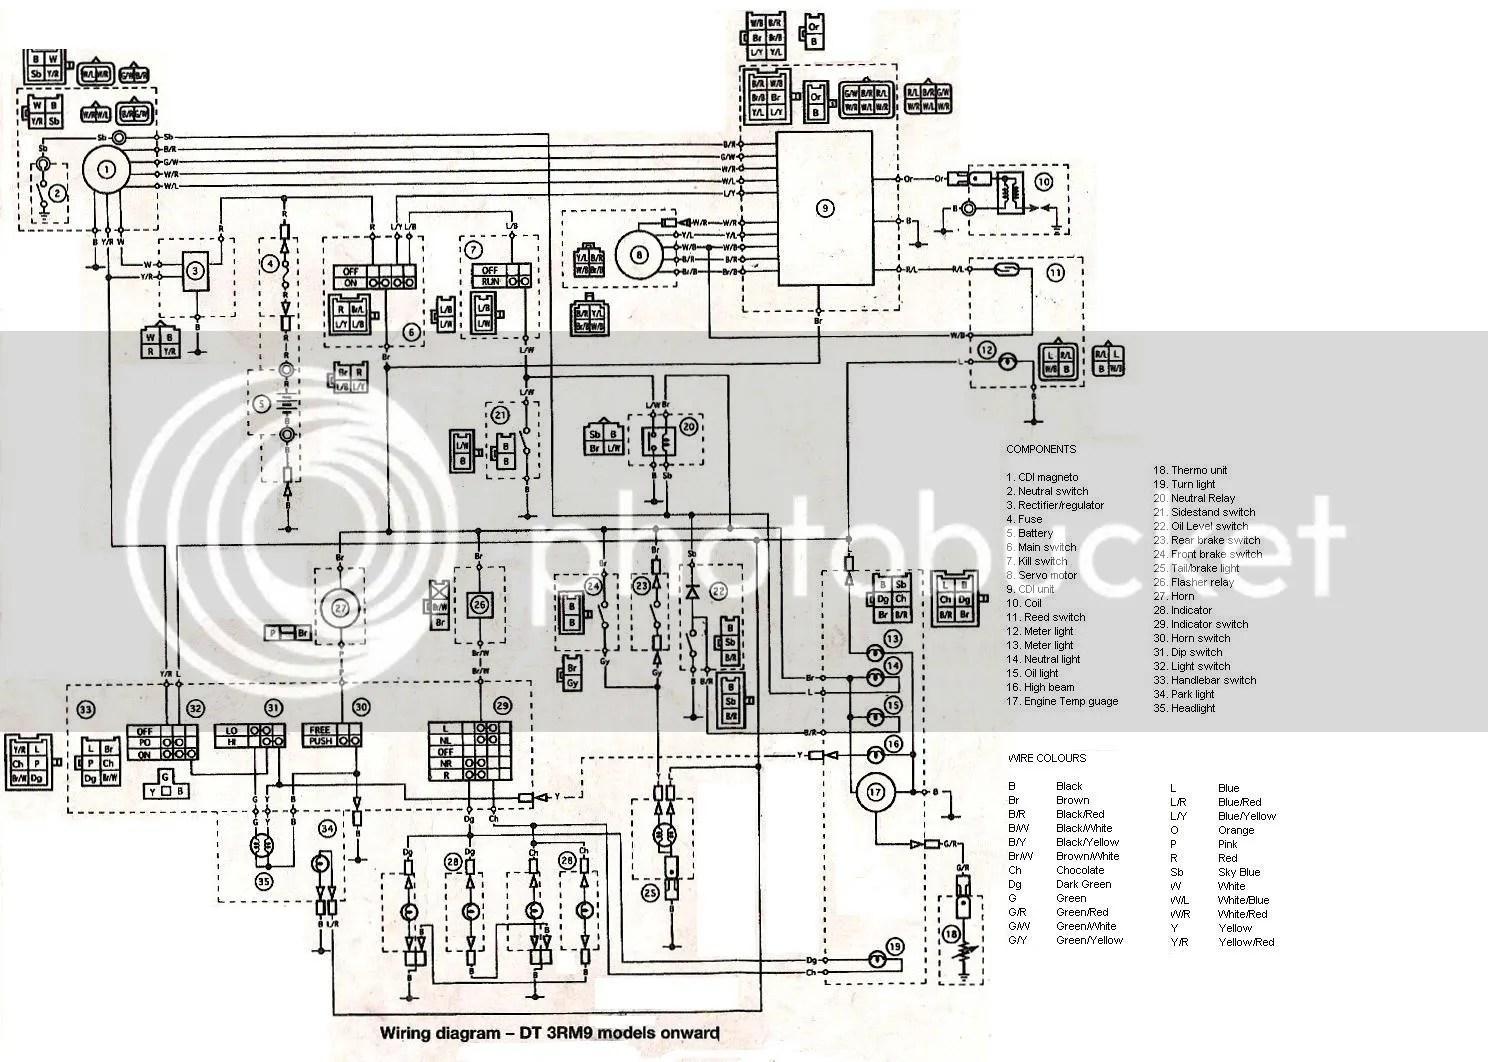 whizzer wiring diagram wiring diagram str whizzer wiring diagram [ 1488 x 1062 Pixel ]